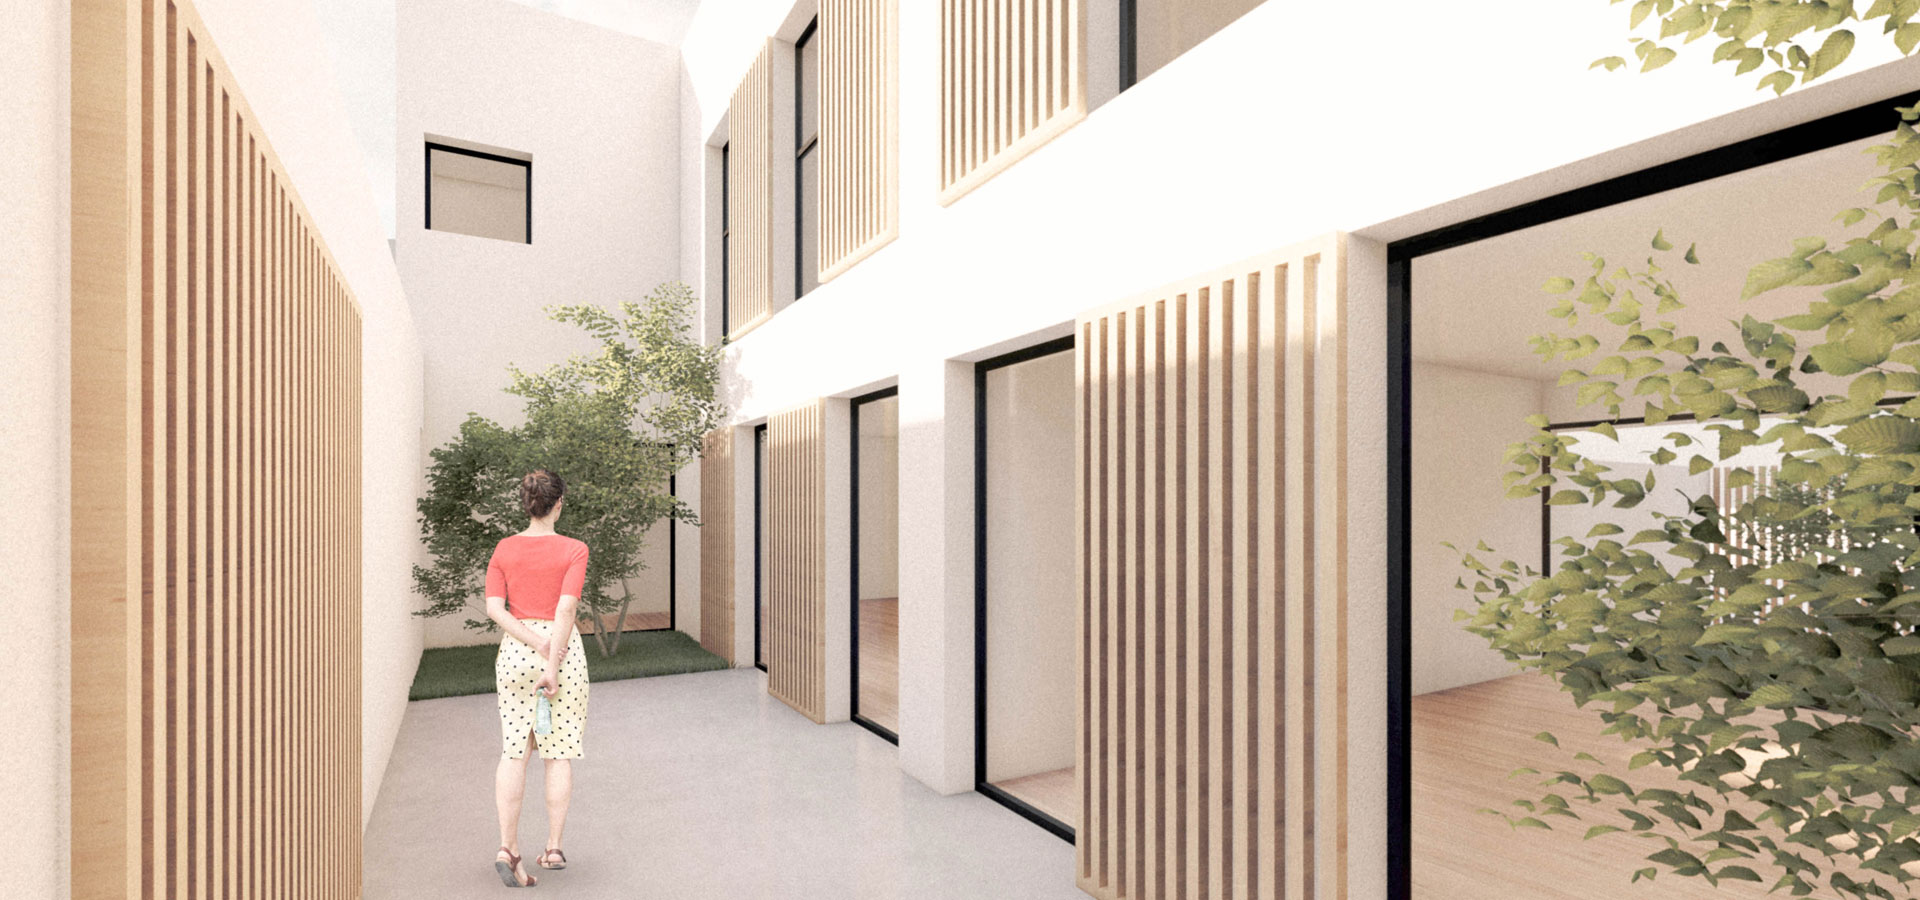 Viviendas-modulares-en-Palma-de-Mallorca-abiertas-2